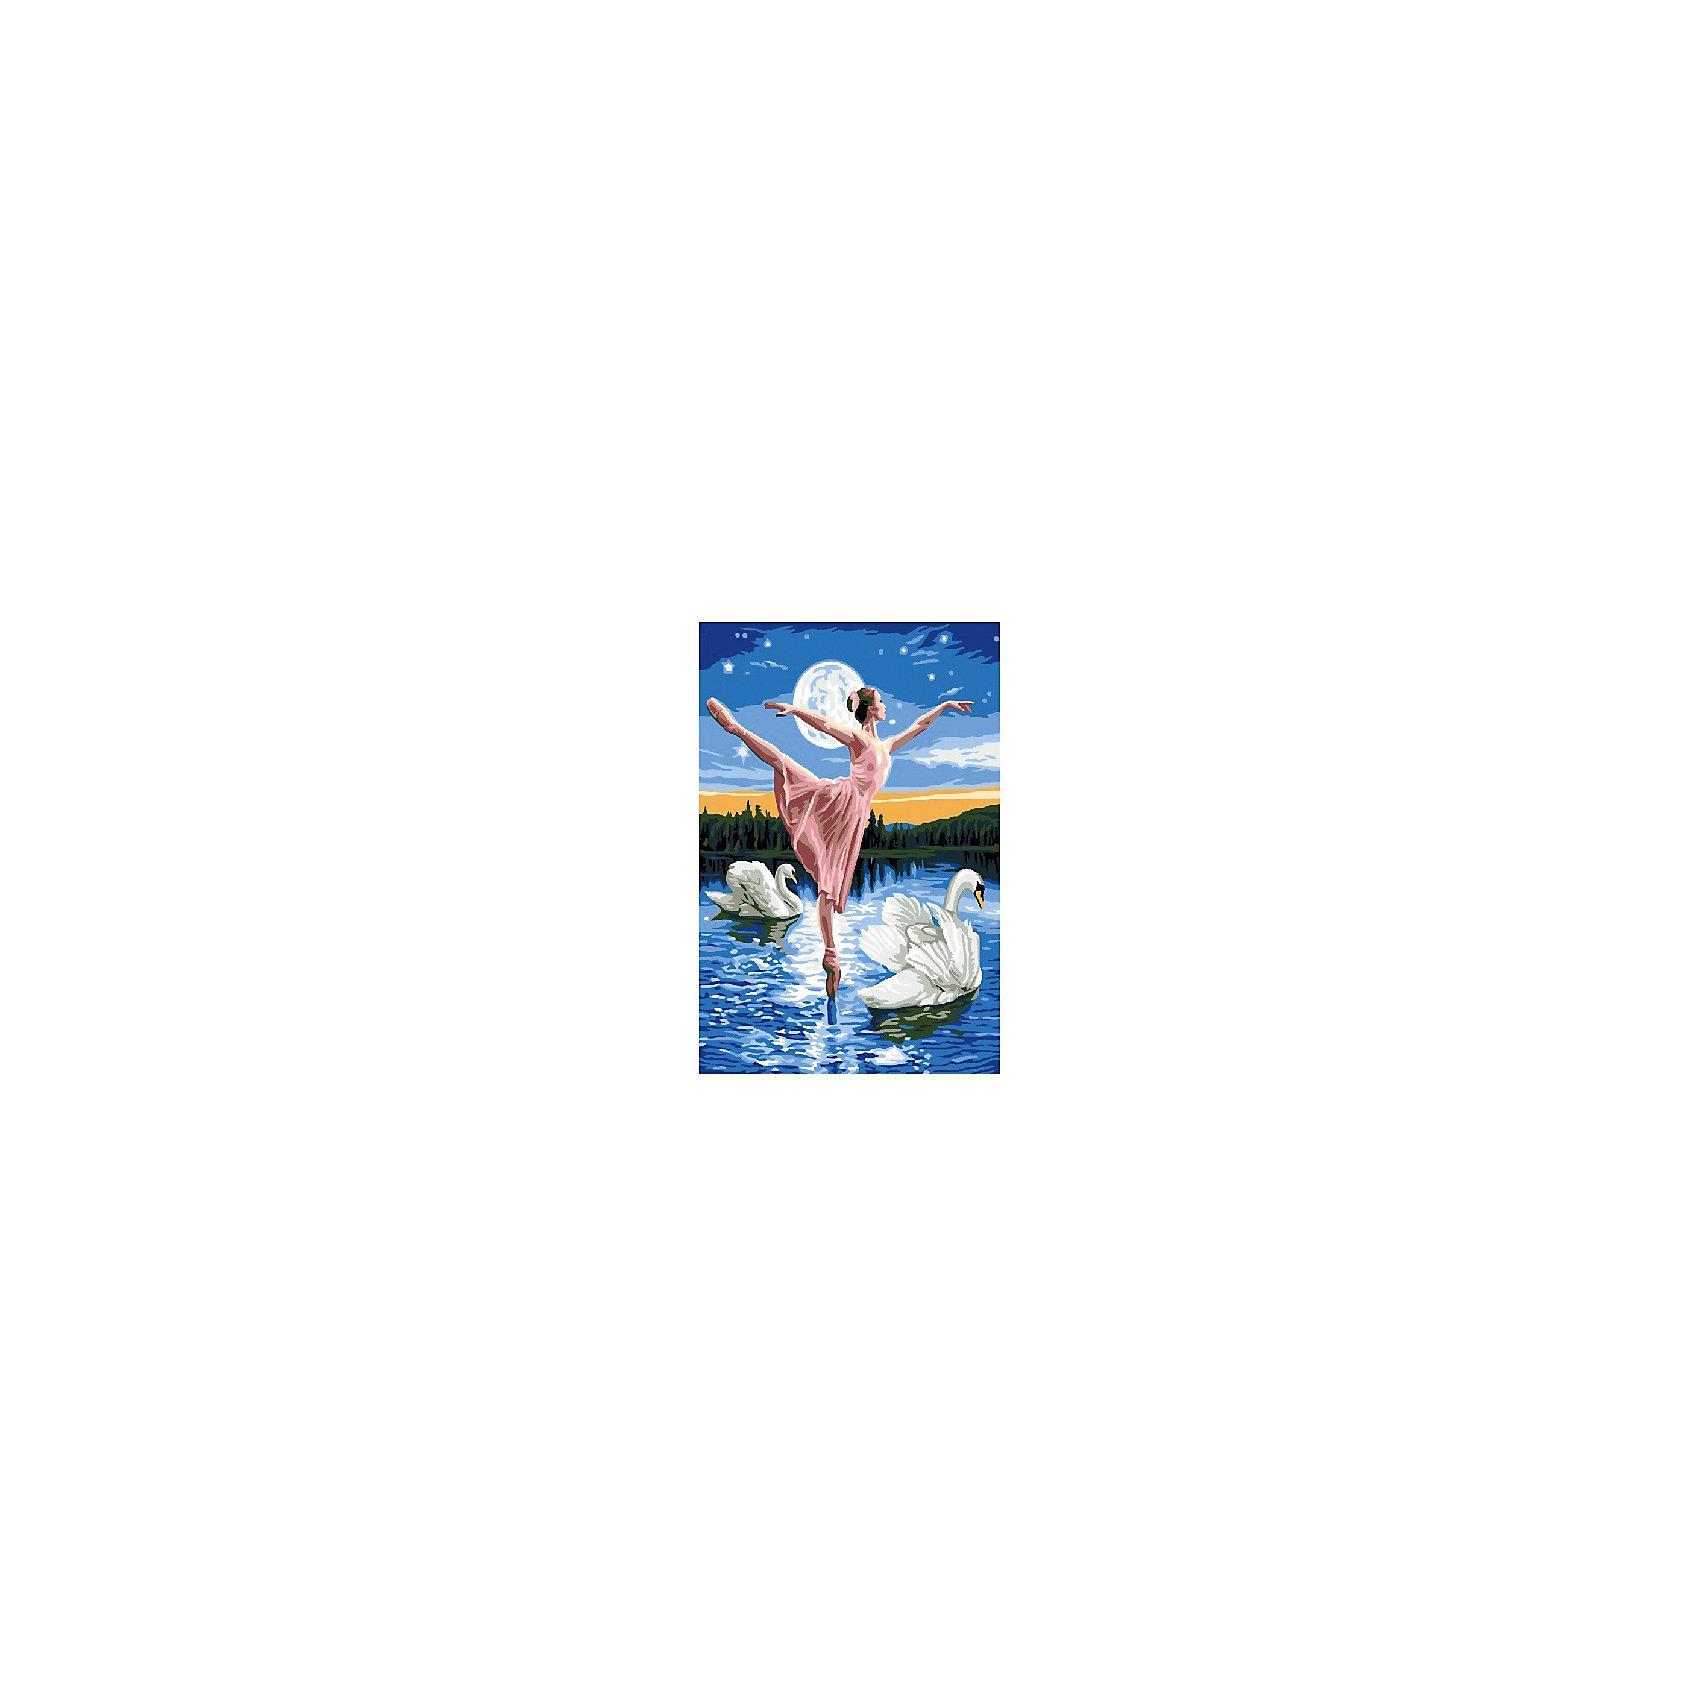 Набор юного художника Лебединое озеро, 20*30 смРаскраски по номерам<br>Характеристики товара:<br><br>• материал упаковки: картон <br>• в комплект входит: холст, акриловые краски, 3 кисти<br>• количество цветов: 17<br>• возраст: от 5 лет<br>• вес: 330 г<br>• размер картинки: 20х30 см<br>• габариты упаковки: 30х20х3 см<br>• страна производитель: Китай<br><br>Картины по номерам совсем недавно появились на рынке, но уже успели завоевать популярность. Закрашивая черно-белые места на картинке, ребенок получит полноценную картину и опыт художественного мастерства. Материалы, использованные при изготовлении товаров, проходят проверку на качество и соответствие международным требованиям по безопасности. <br><br>Набор юного художника Лебединое озеро, 20*30 см можно купить в нашем интернет-магазине.<br><br>Ширина мм: 300<br>Глубина мм: 200<br>Высота мм: 30<br>Вес г: 330<br>Возраст от месяцев: 60<br>Возраст до месяцев: 2147483647<br>Пол: Женский<br>Возраст: Детский<br>SKU: 5417667